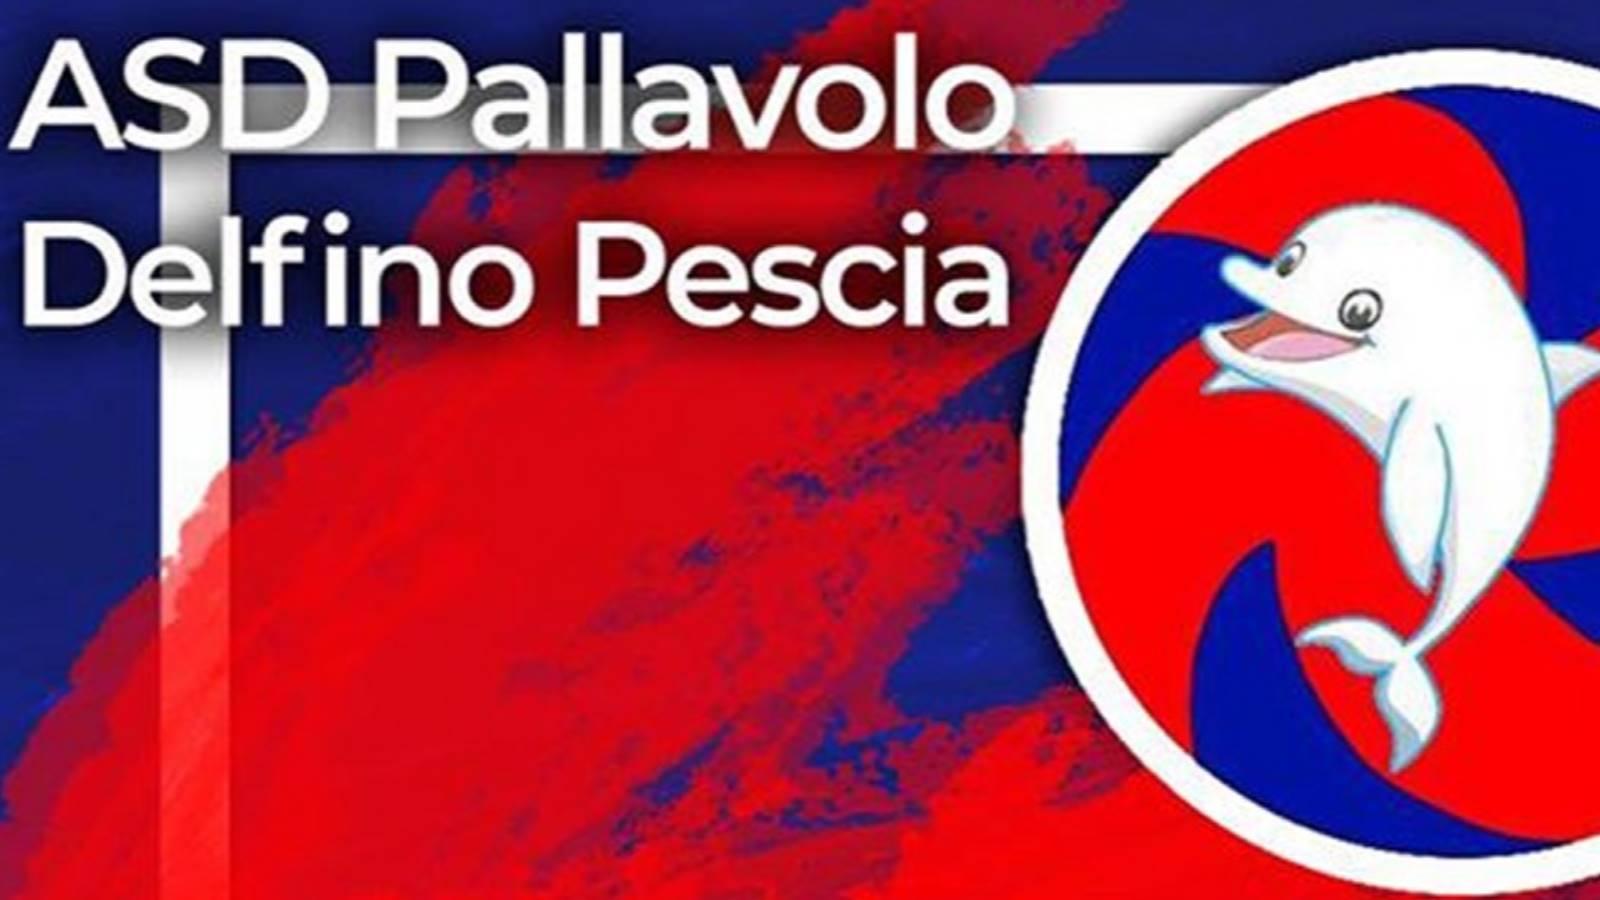 Squadra sportiva dilettantistica Pallavolo Delfino Pescia Pescia